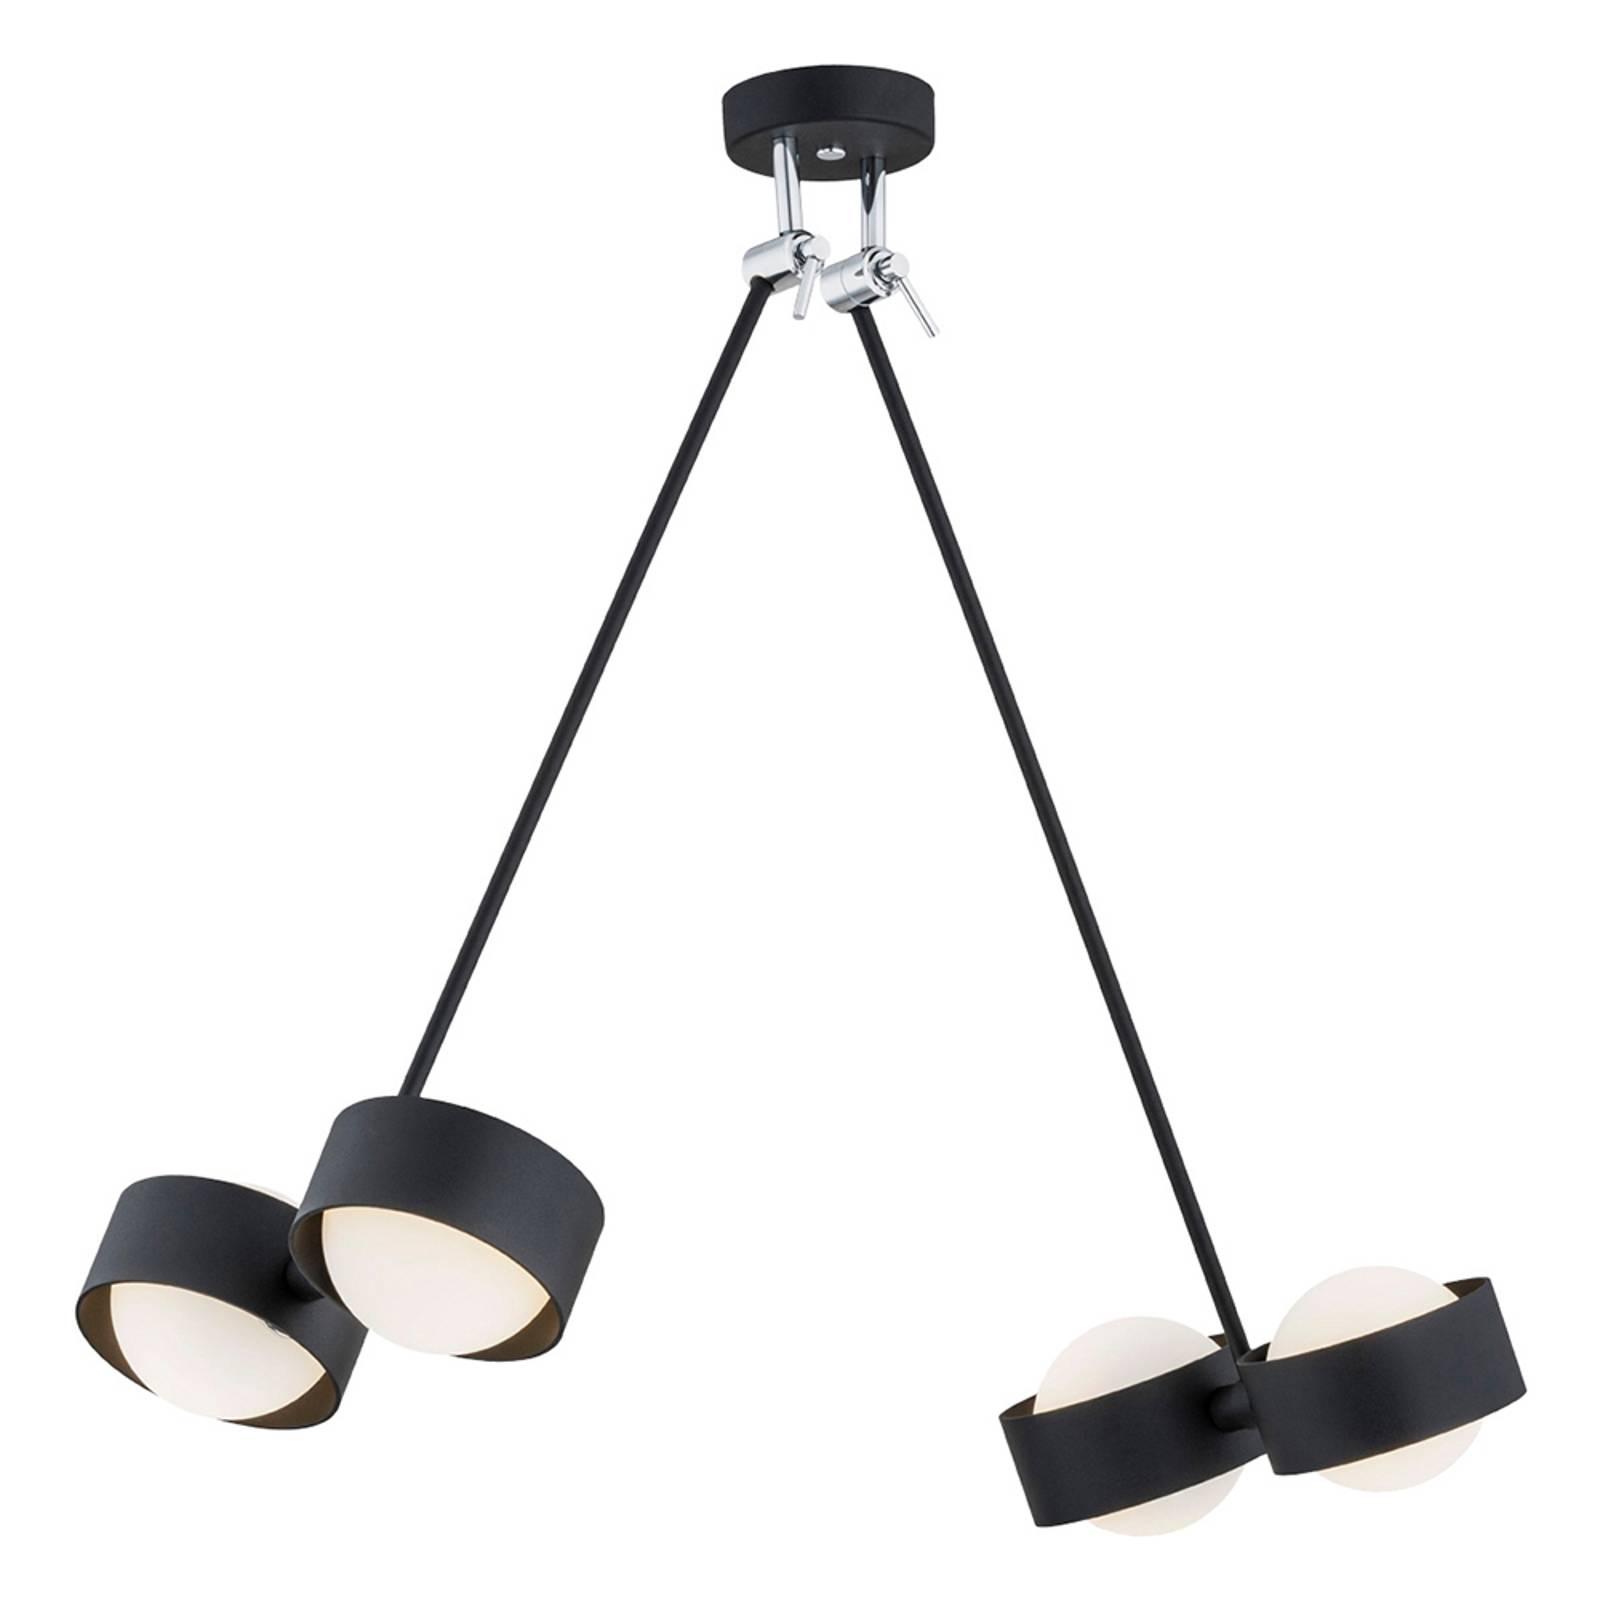 Suspension LED Macedo quatre lampes, noire